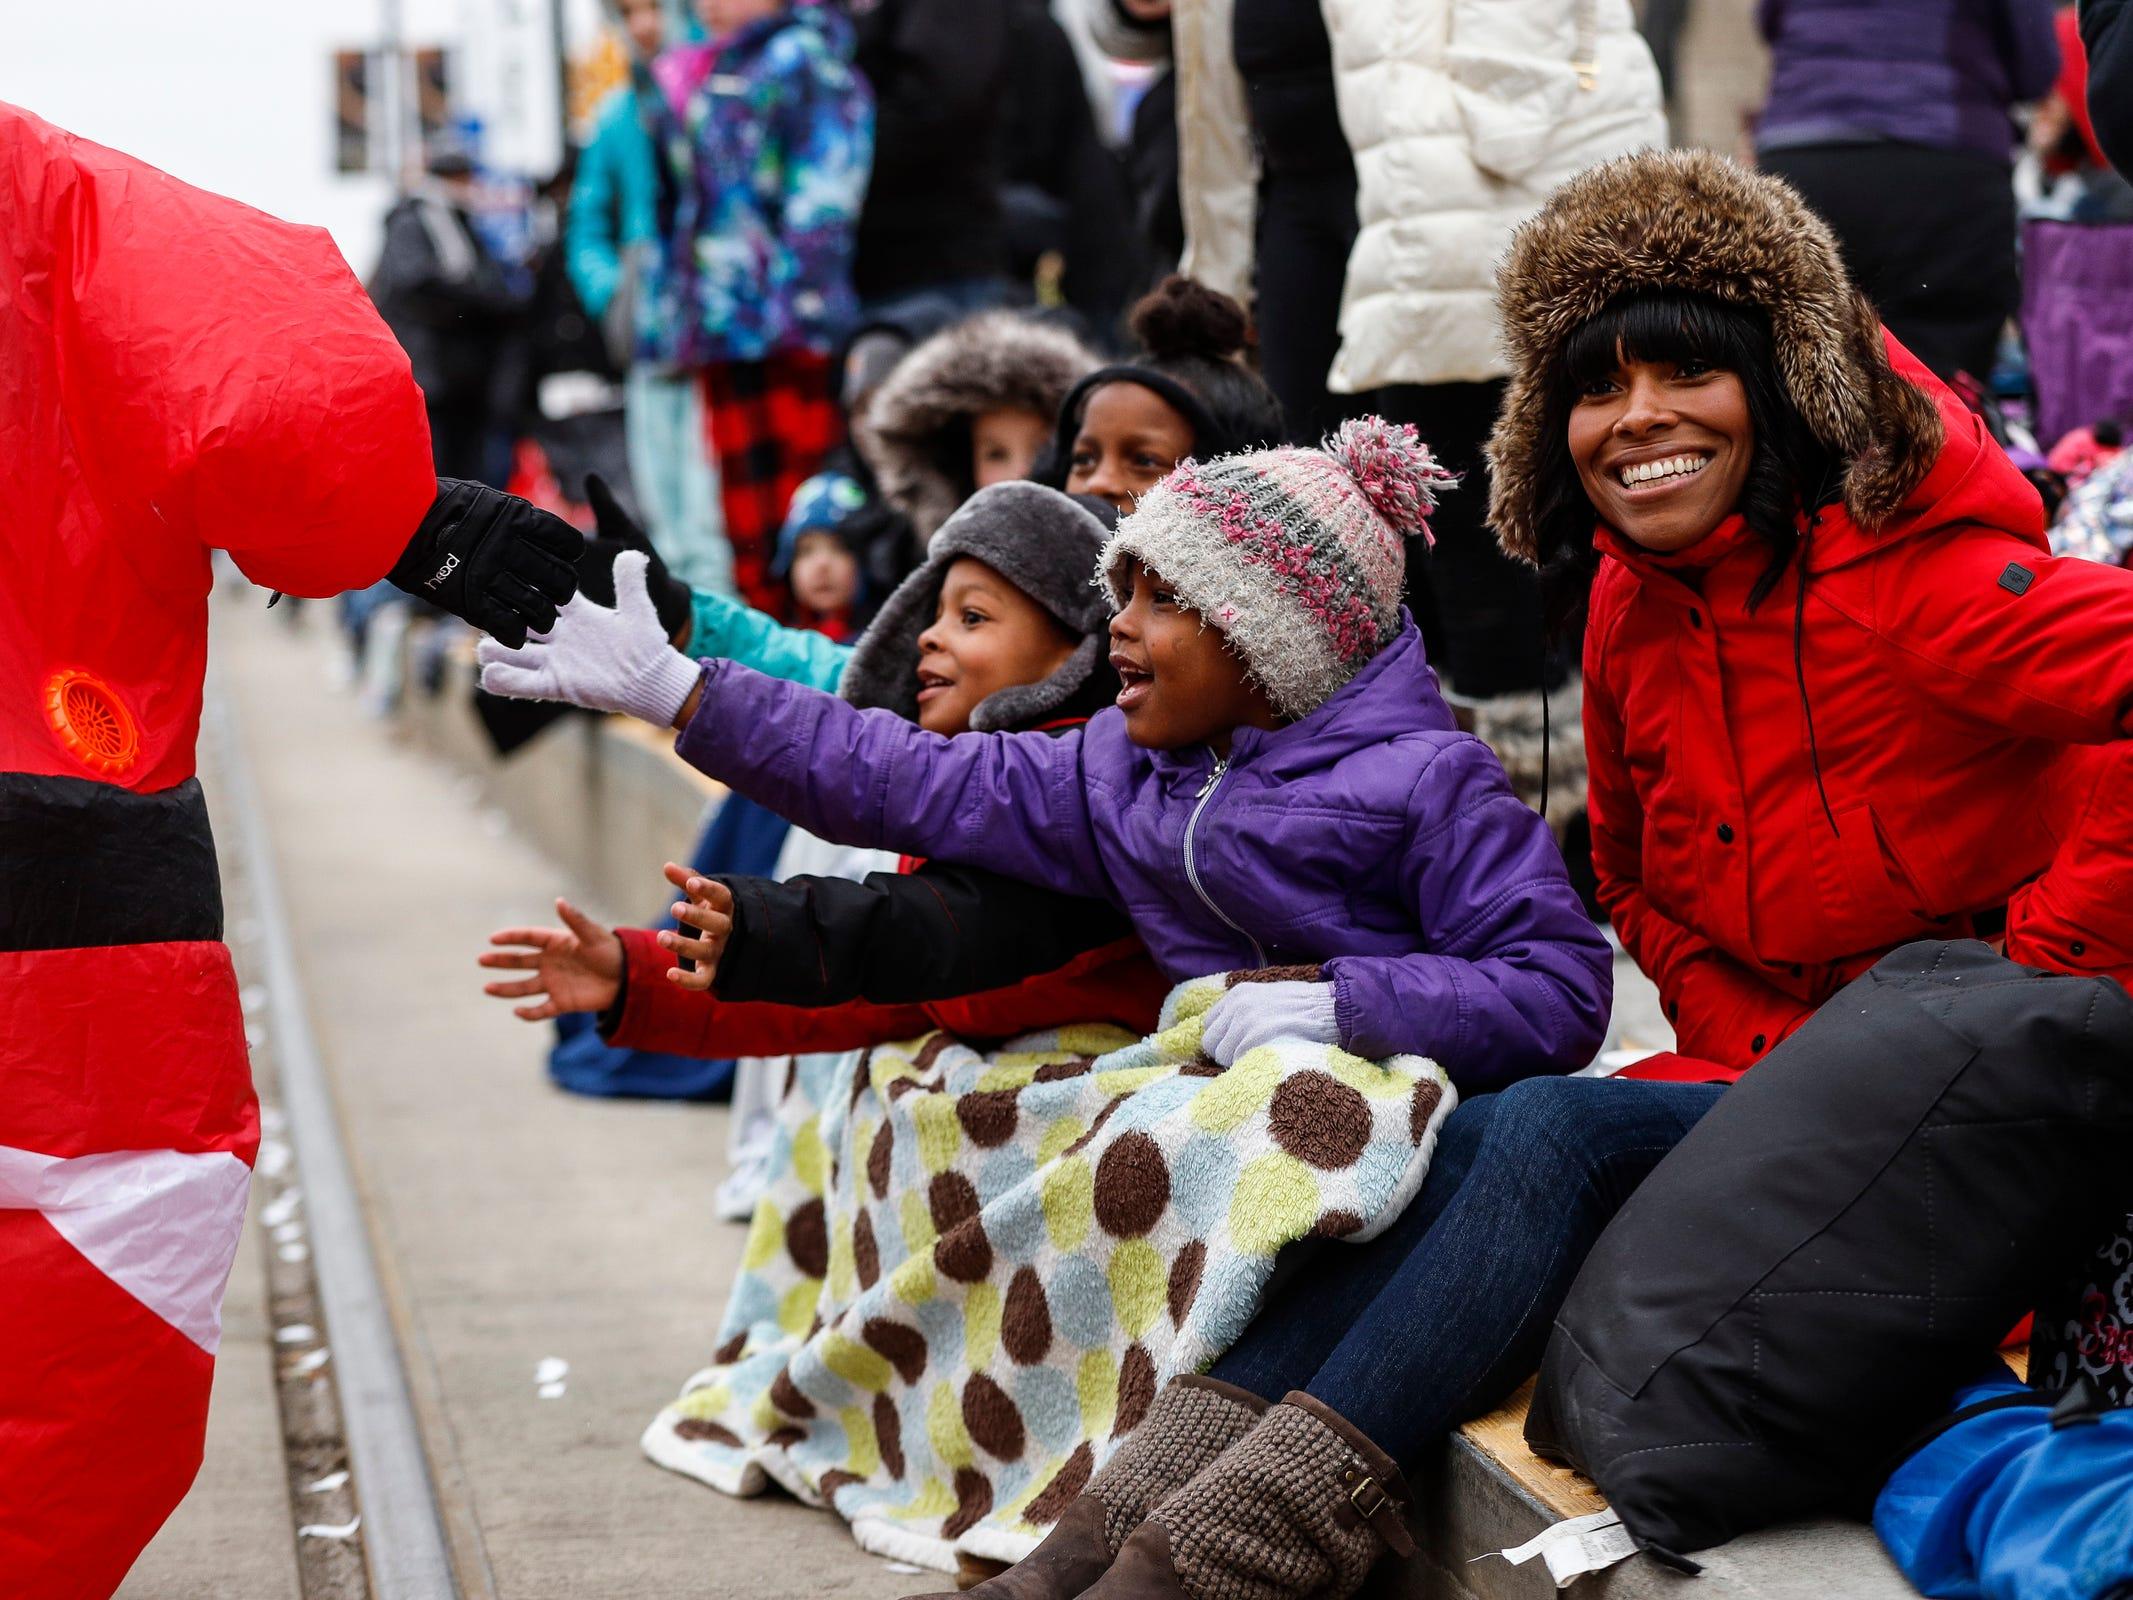 From center left, Taliyah Jones, 11, Jeremiah Jones, 5,  Quamiya Walker, 6, all of Detroit and their aunt Nichole Jones of Fraster, cheer for Turkey Trot runners on  Woodward Avenue in Detroit, Thursday, Nov. 22, 2018.